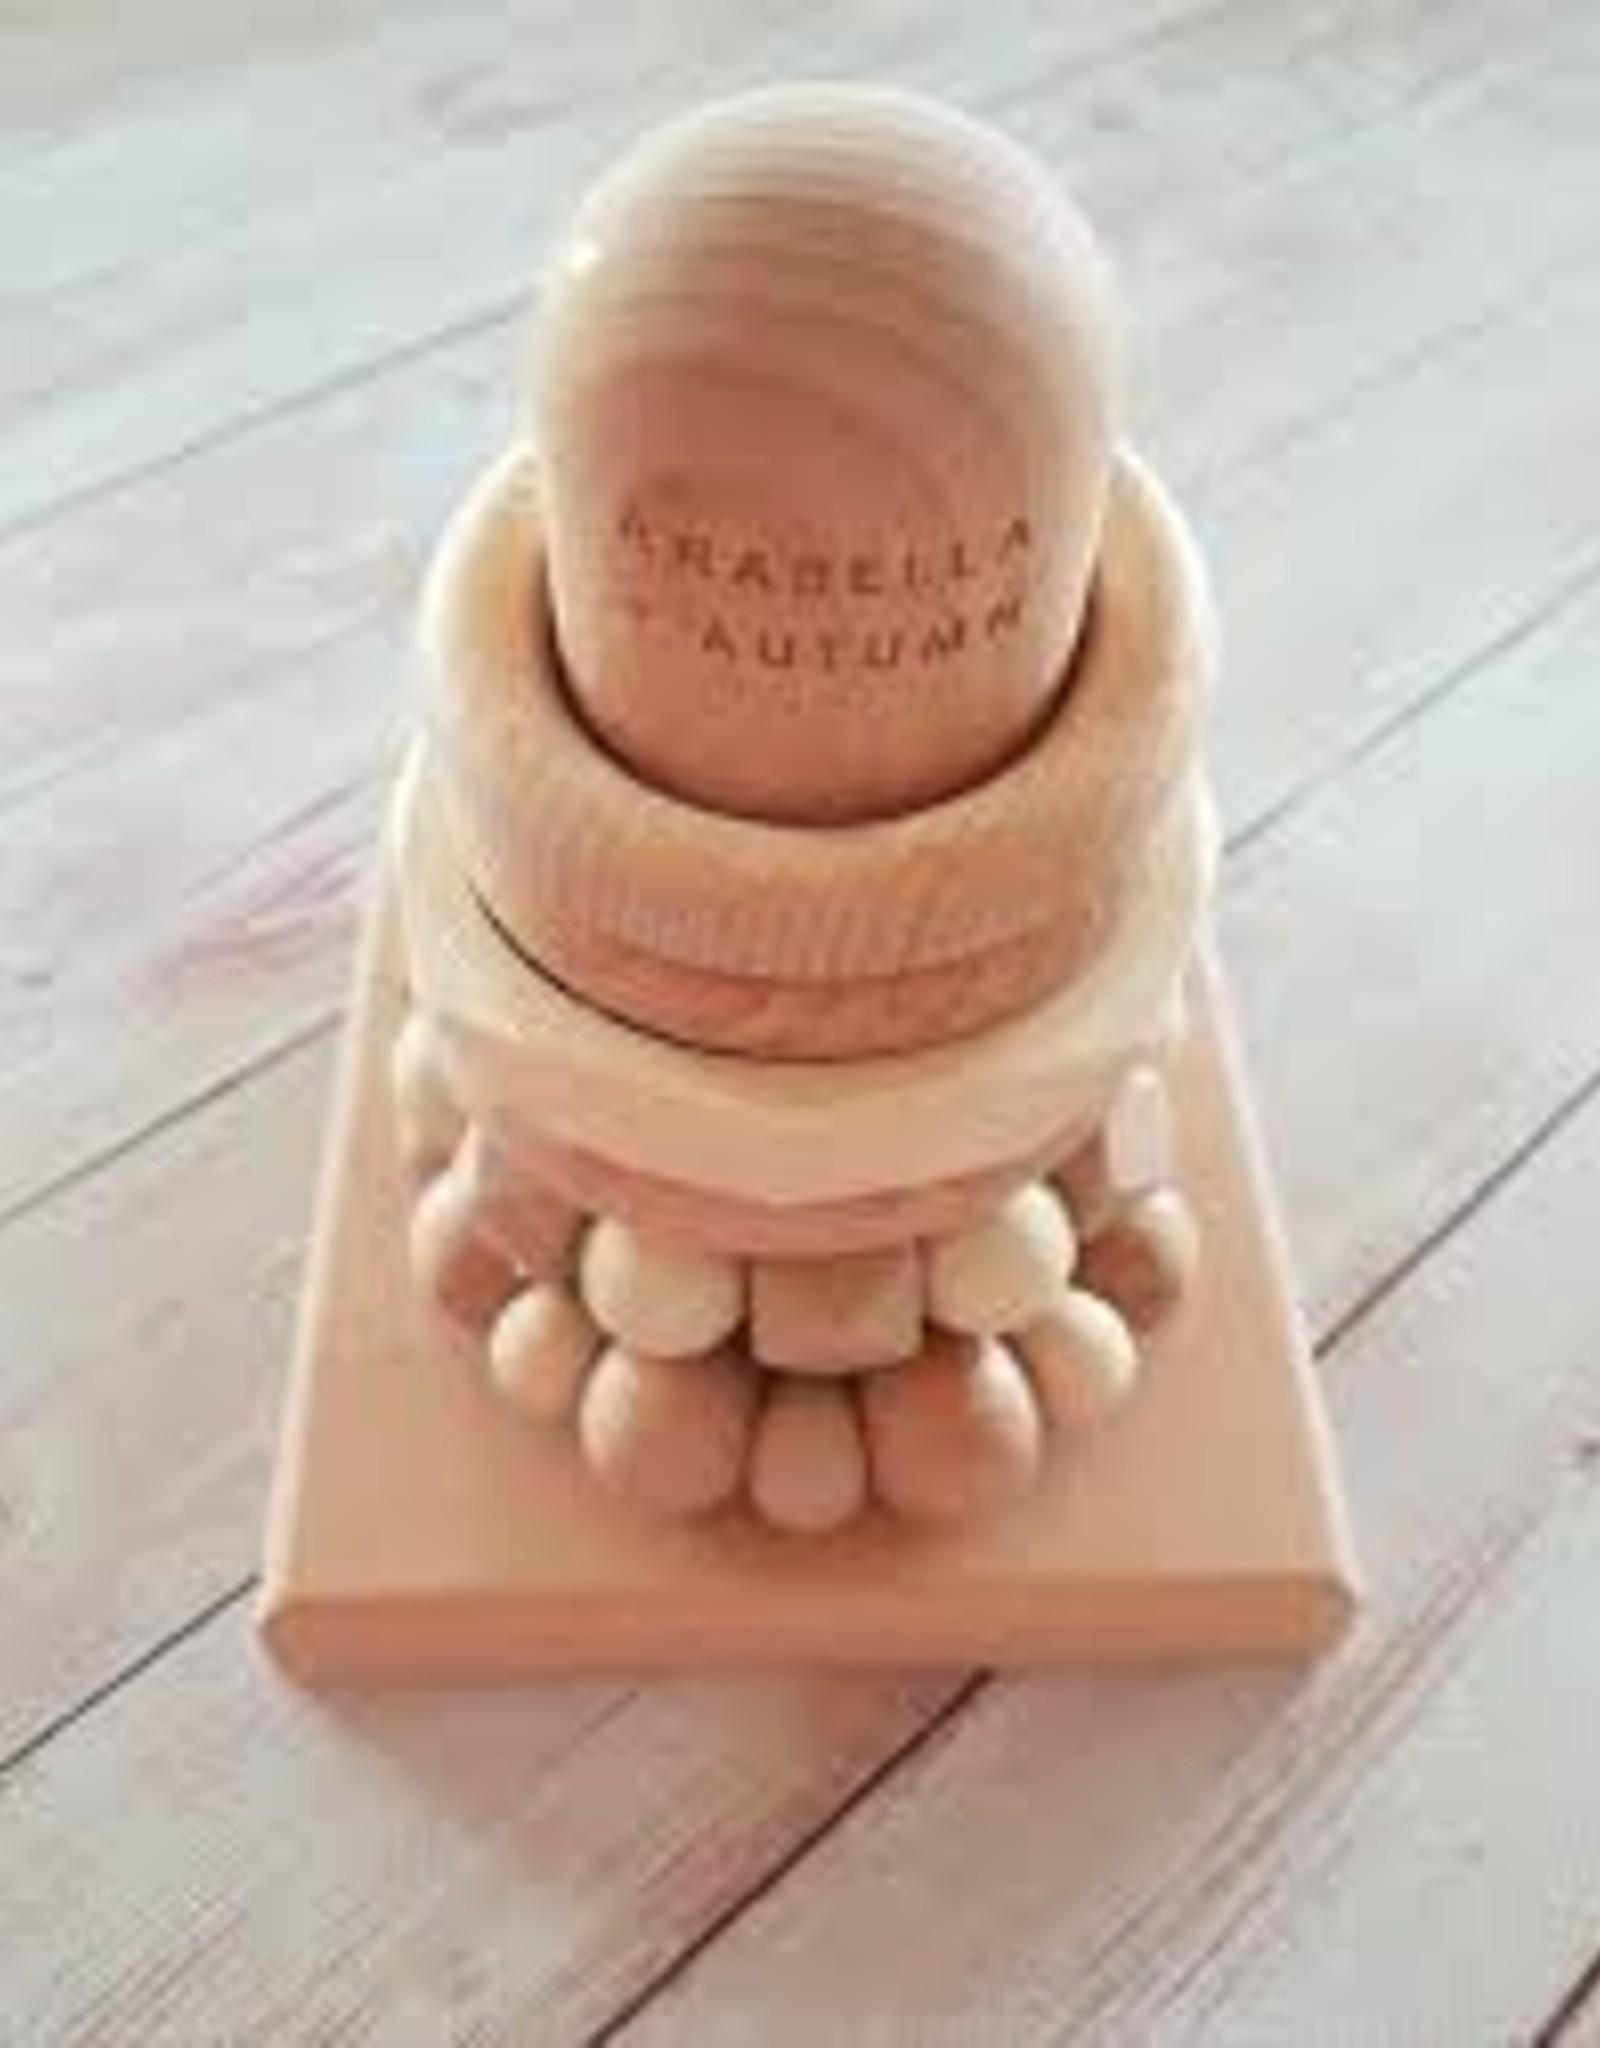 Arabella & Autumn Arabella & Autumn - Teething Stacker Natural